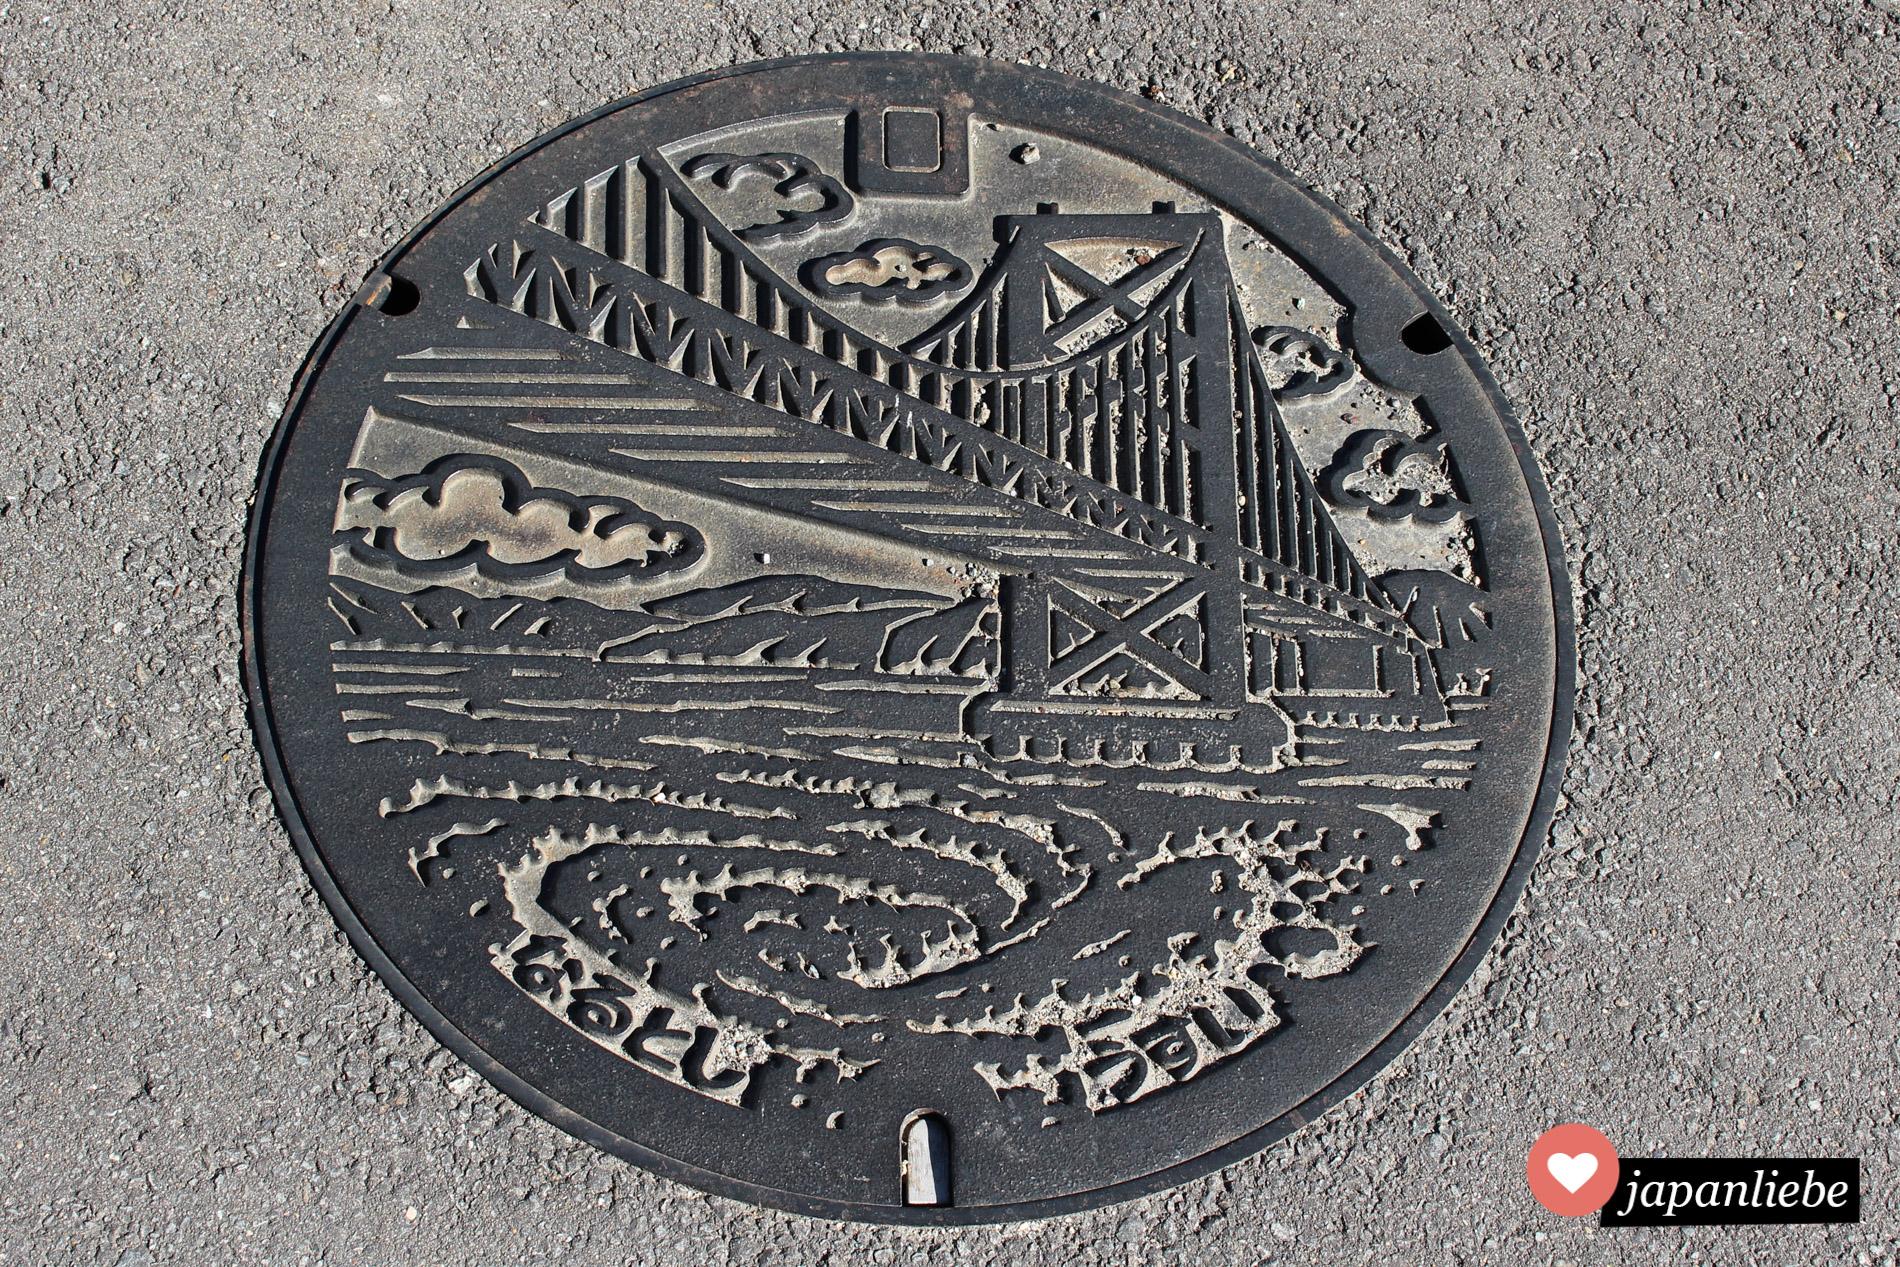 Natürlich freue ich mich immer besonders, wenn ich einen bunten Kanaldeckel in Japan finde. Aber auch die farblosen sind wunderhübsch und brauchen sich nicht zu verstecken.